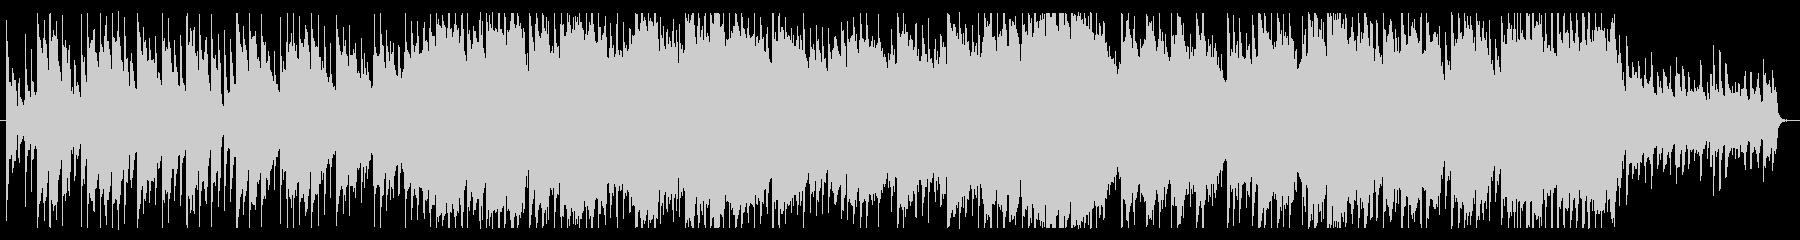 優しく、切ない、風景的なチルアウトBGMの未再生の波形